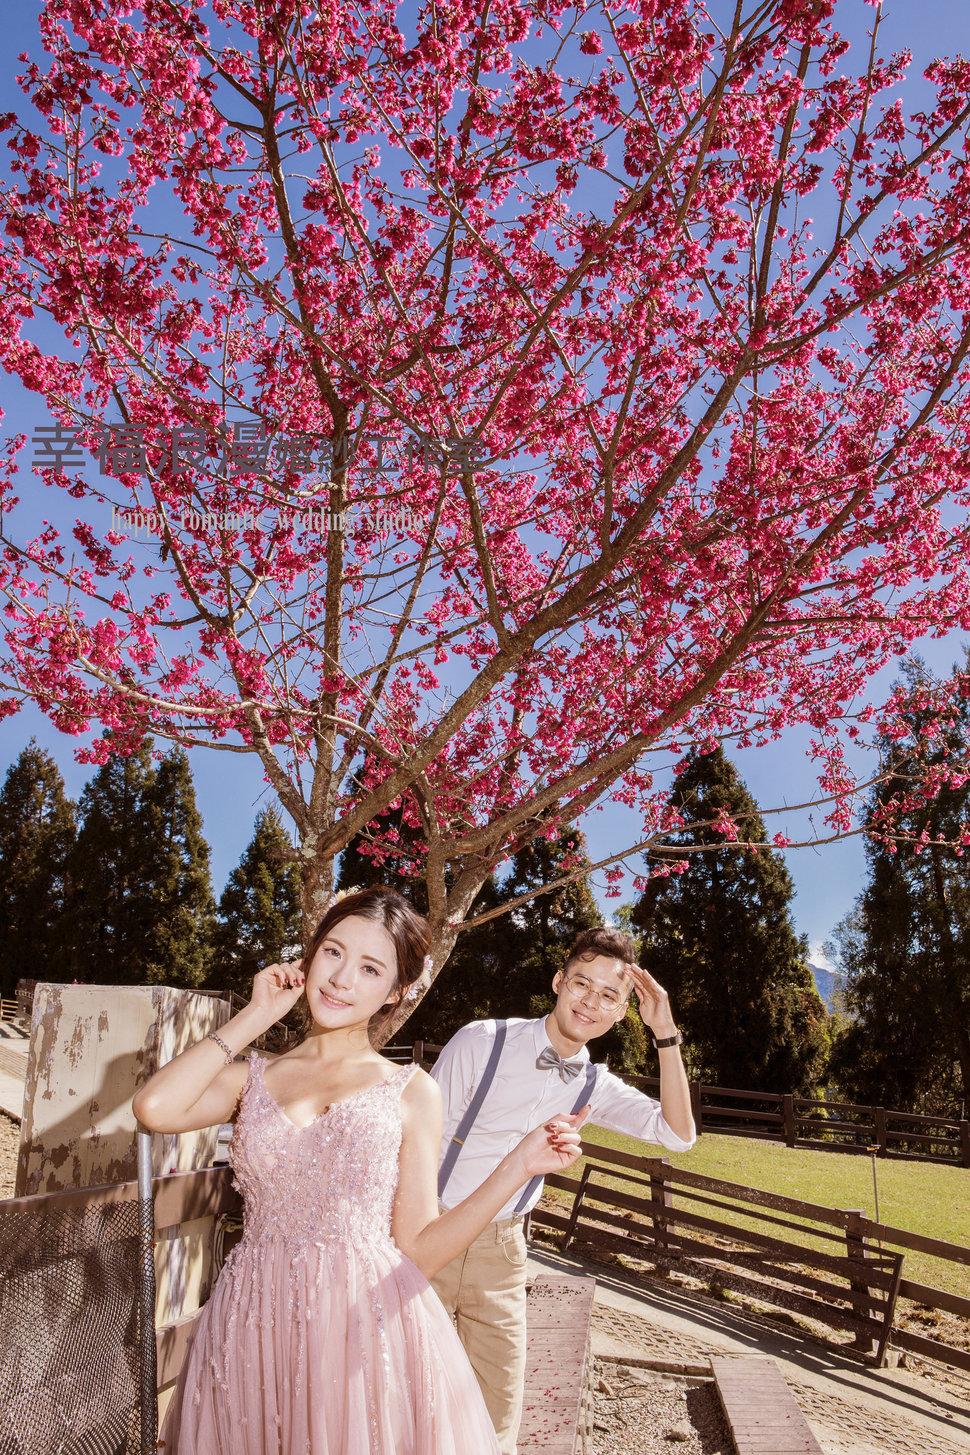 5G3A6345-1_調整大小 - 幸福浪漫婚紗工作室 韓式婚紗攝影《結婚吧》